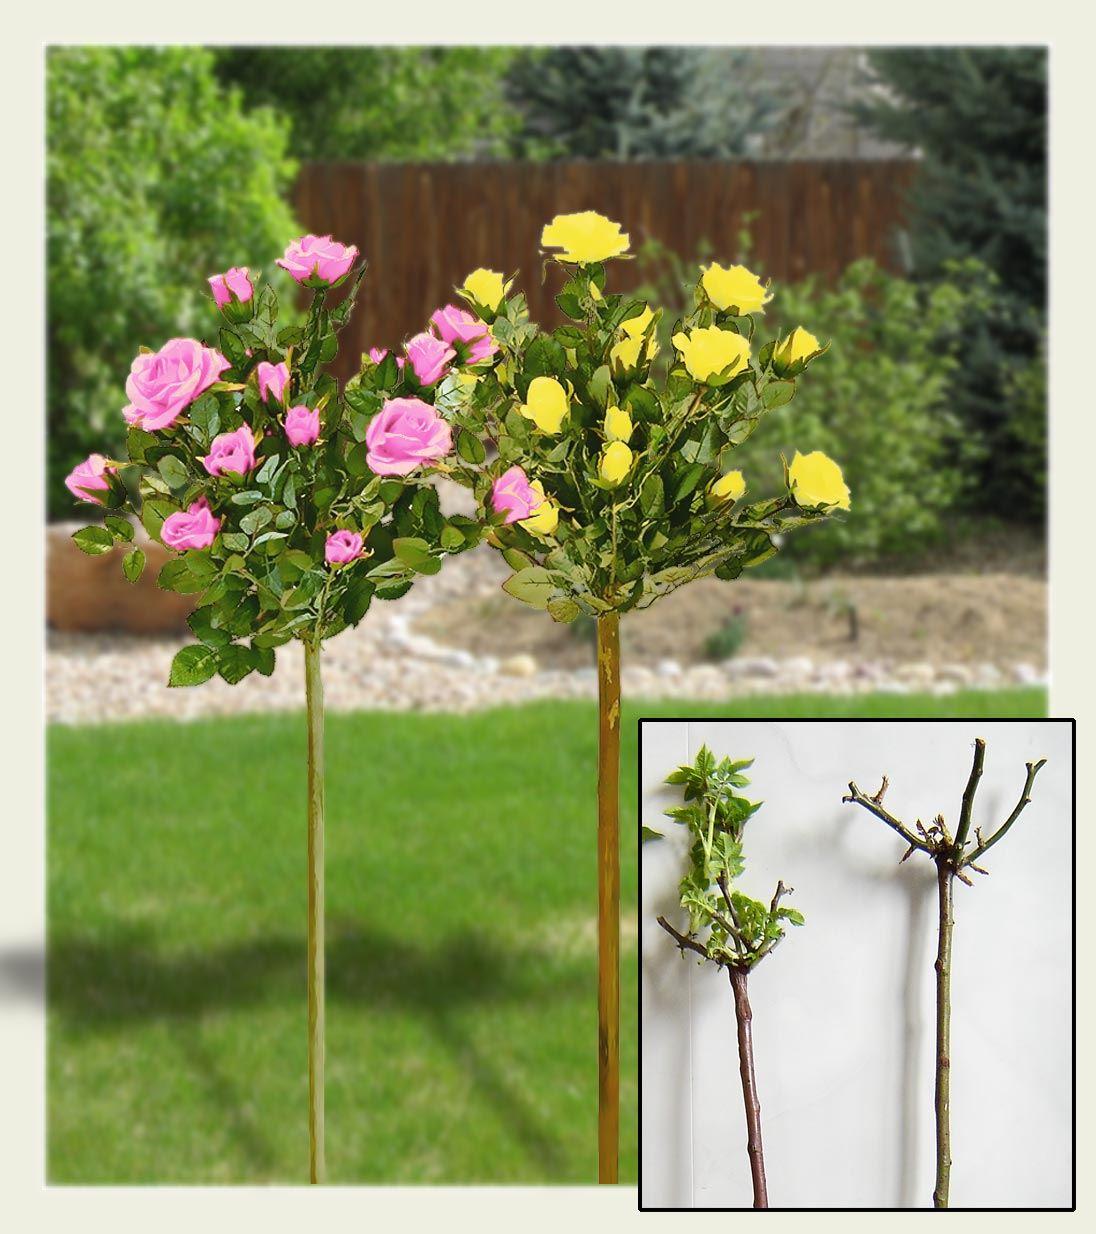 Giardinaggio Fiori.Rose 2ft In Piedi Bush Rose Tree In Vaso Profumato Giardinaggio